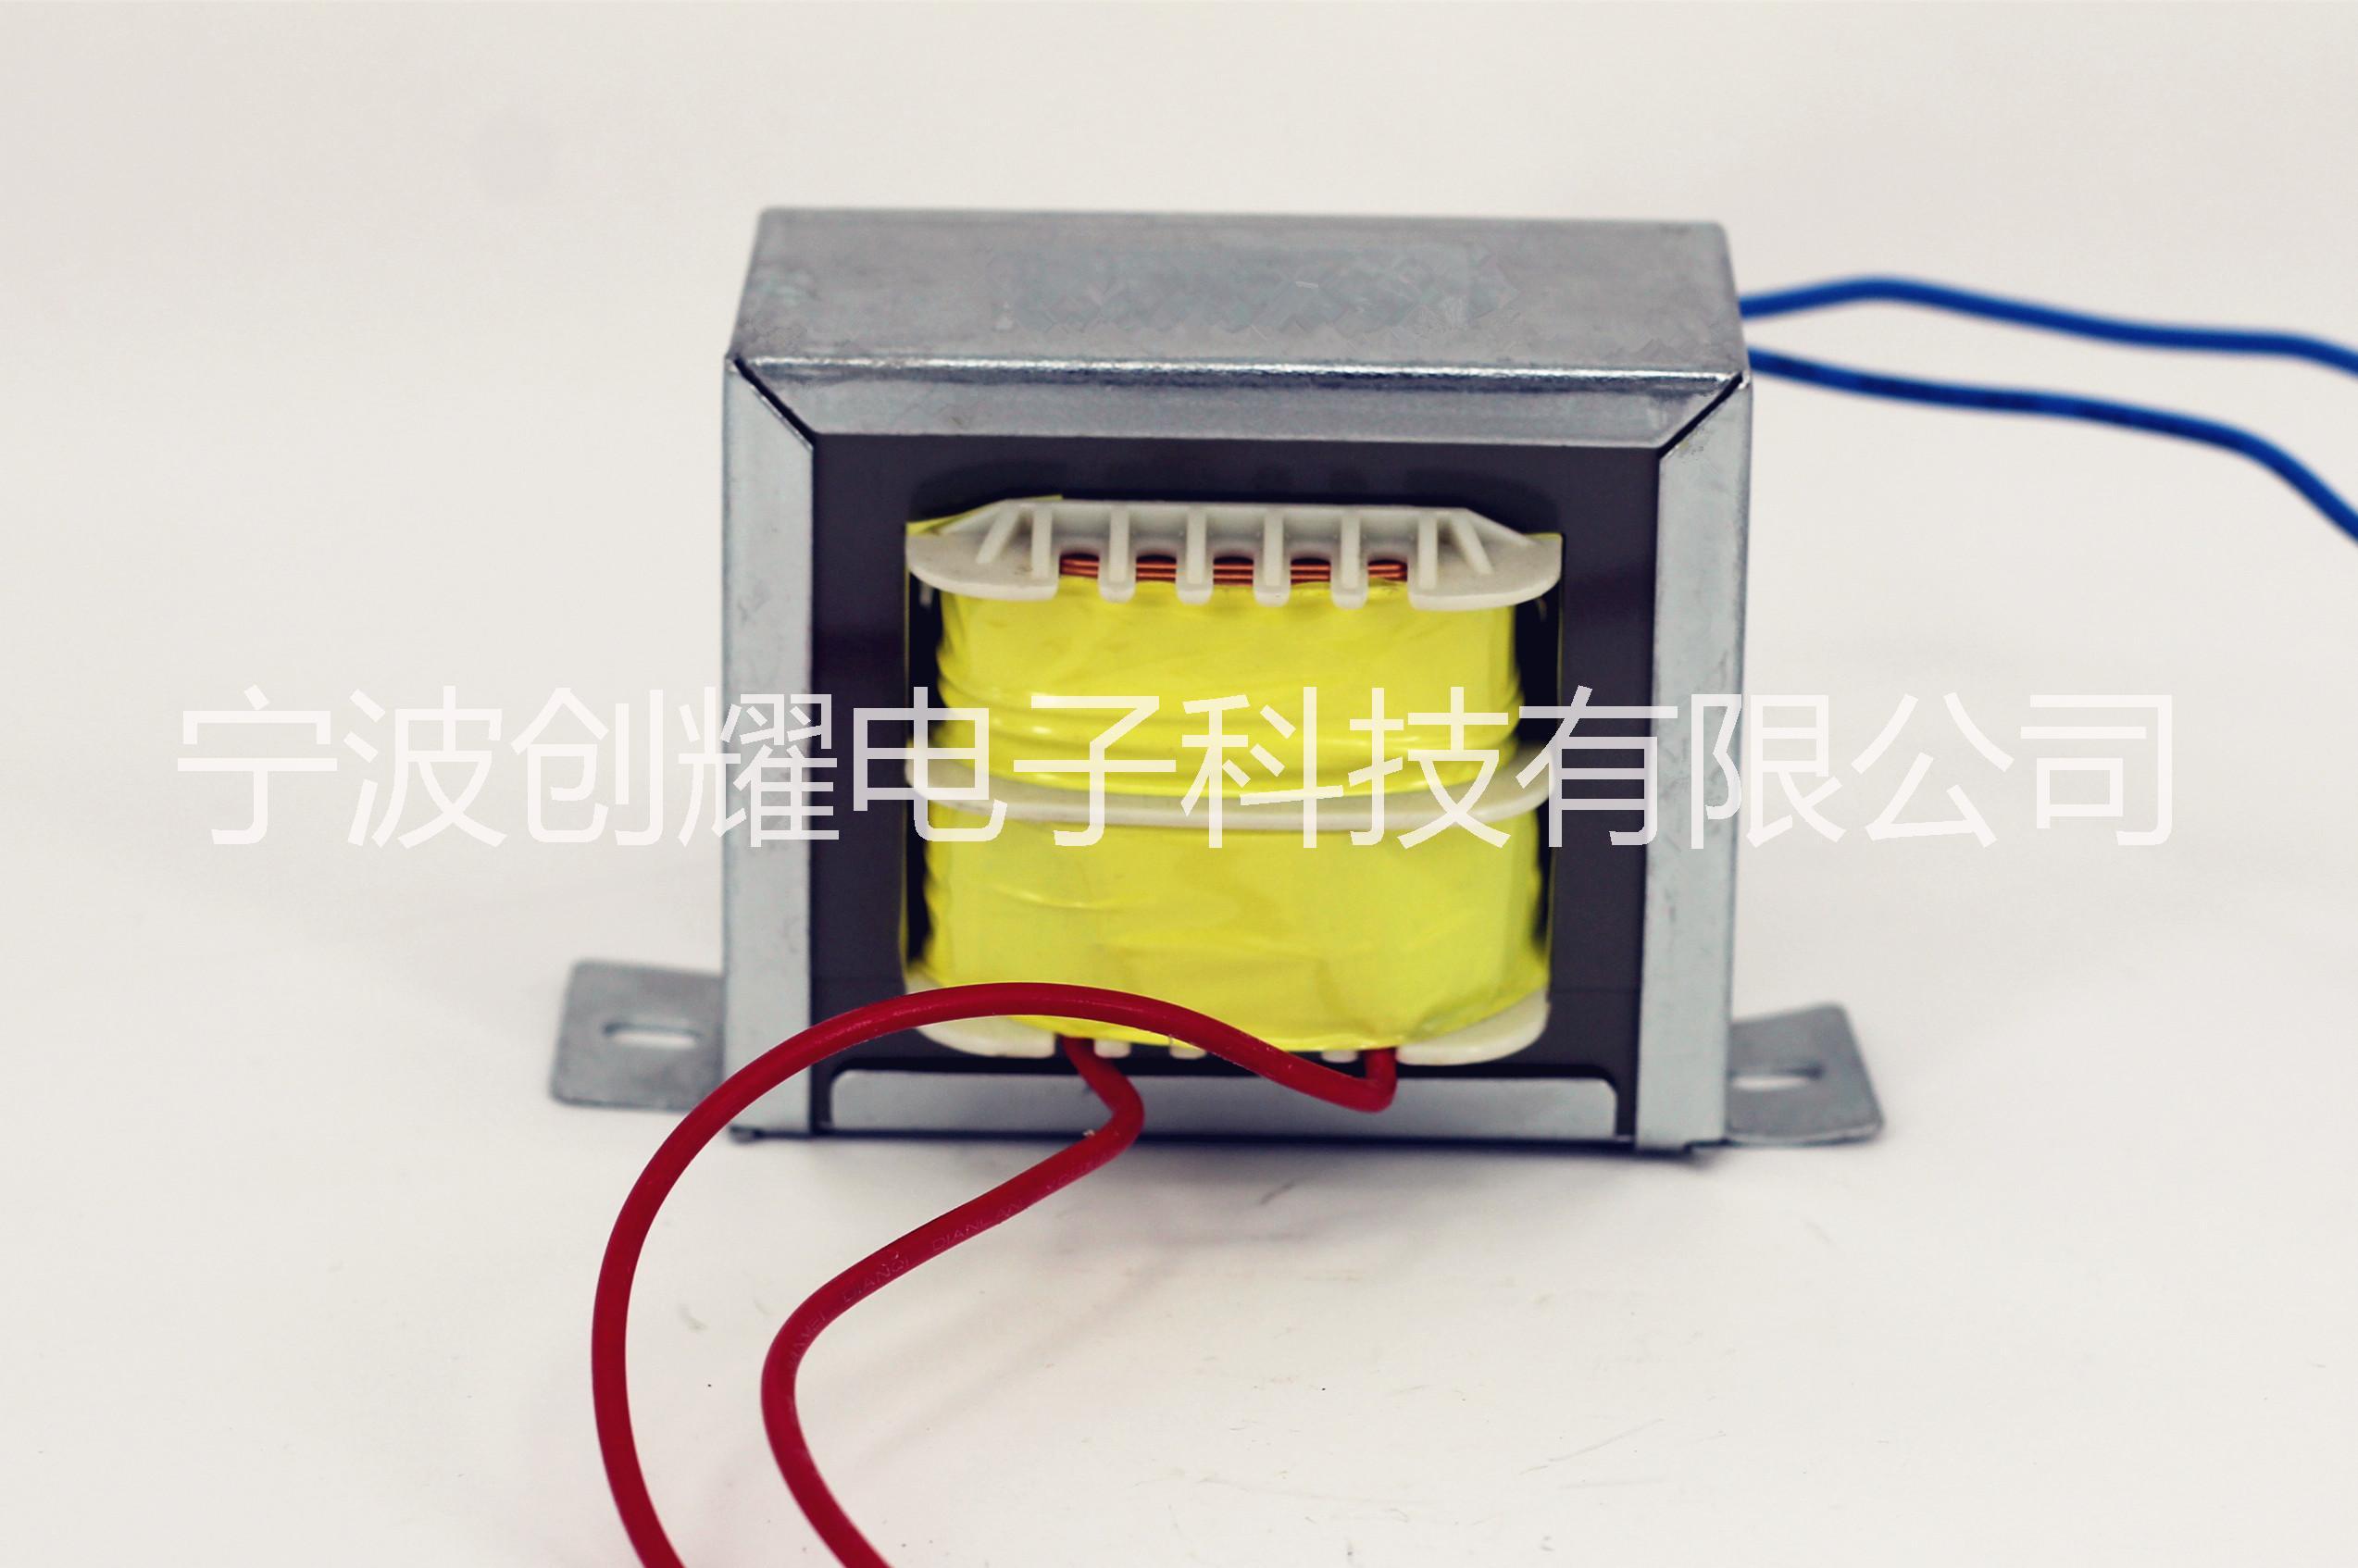 厂家直销变压器 浙江变压器 骑马夹变压器 低频变压器 E型变压器 EI型变压器